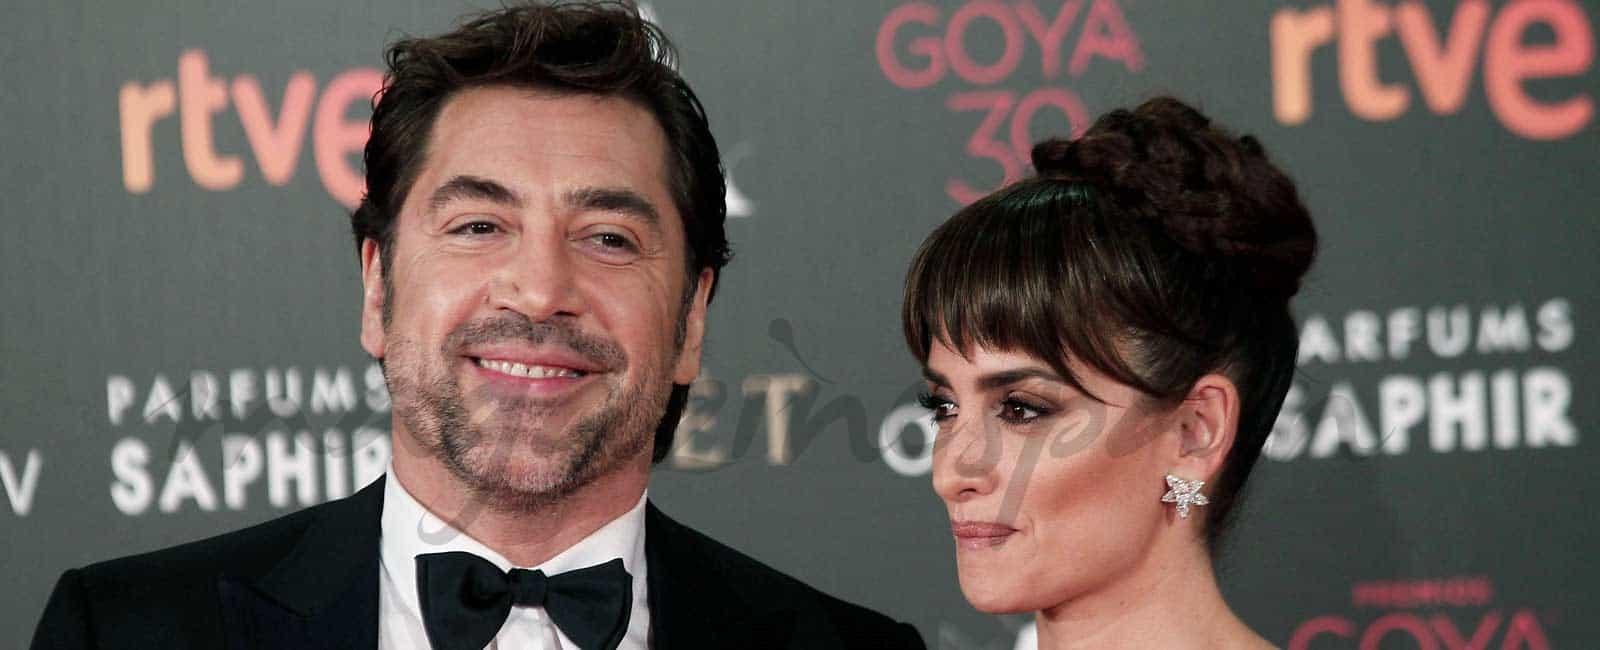 Penélope Cruz y Javier Bardem vuelven a trabajar juntos